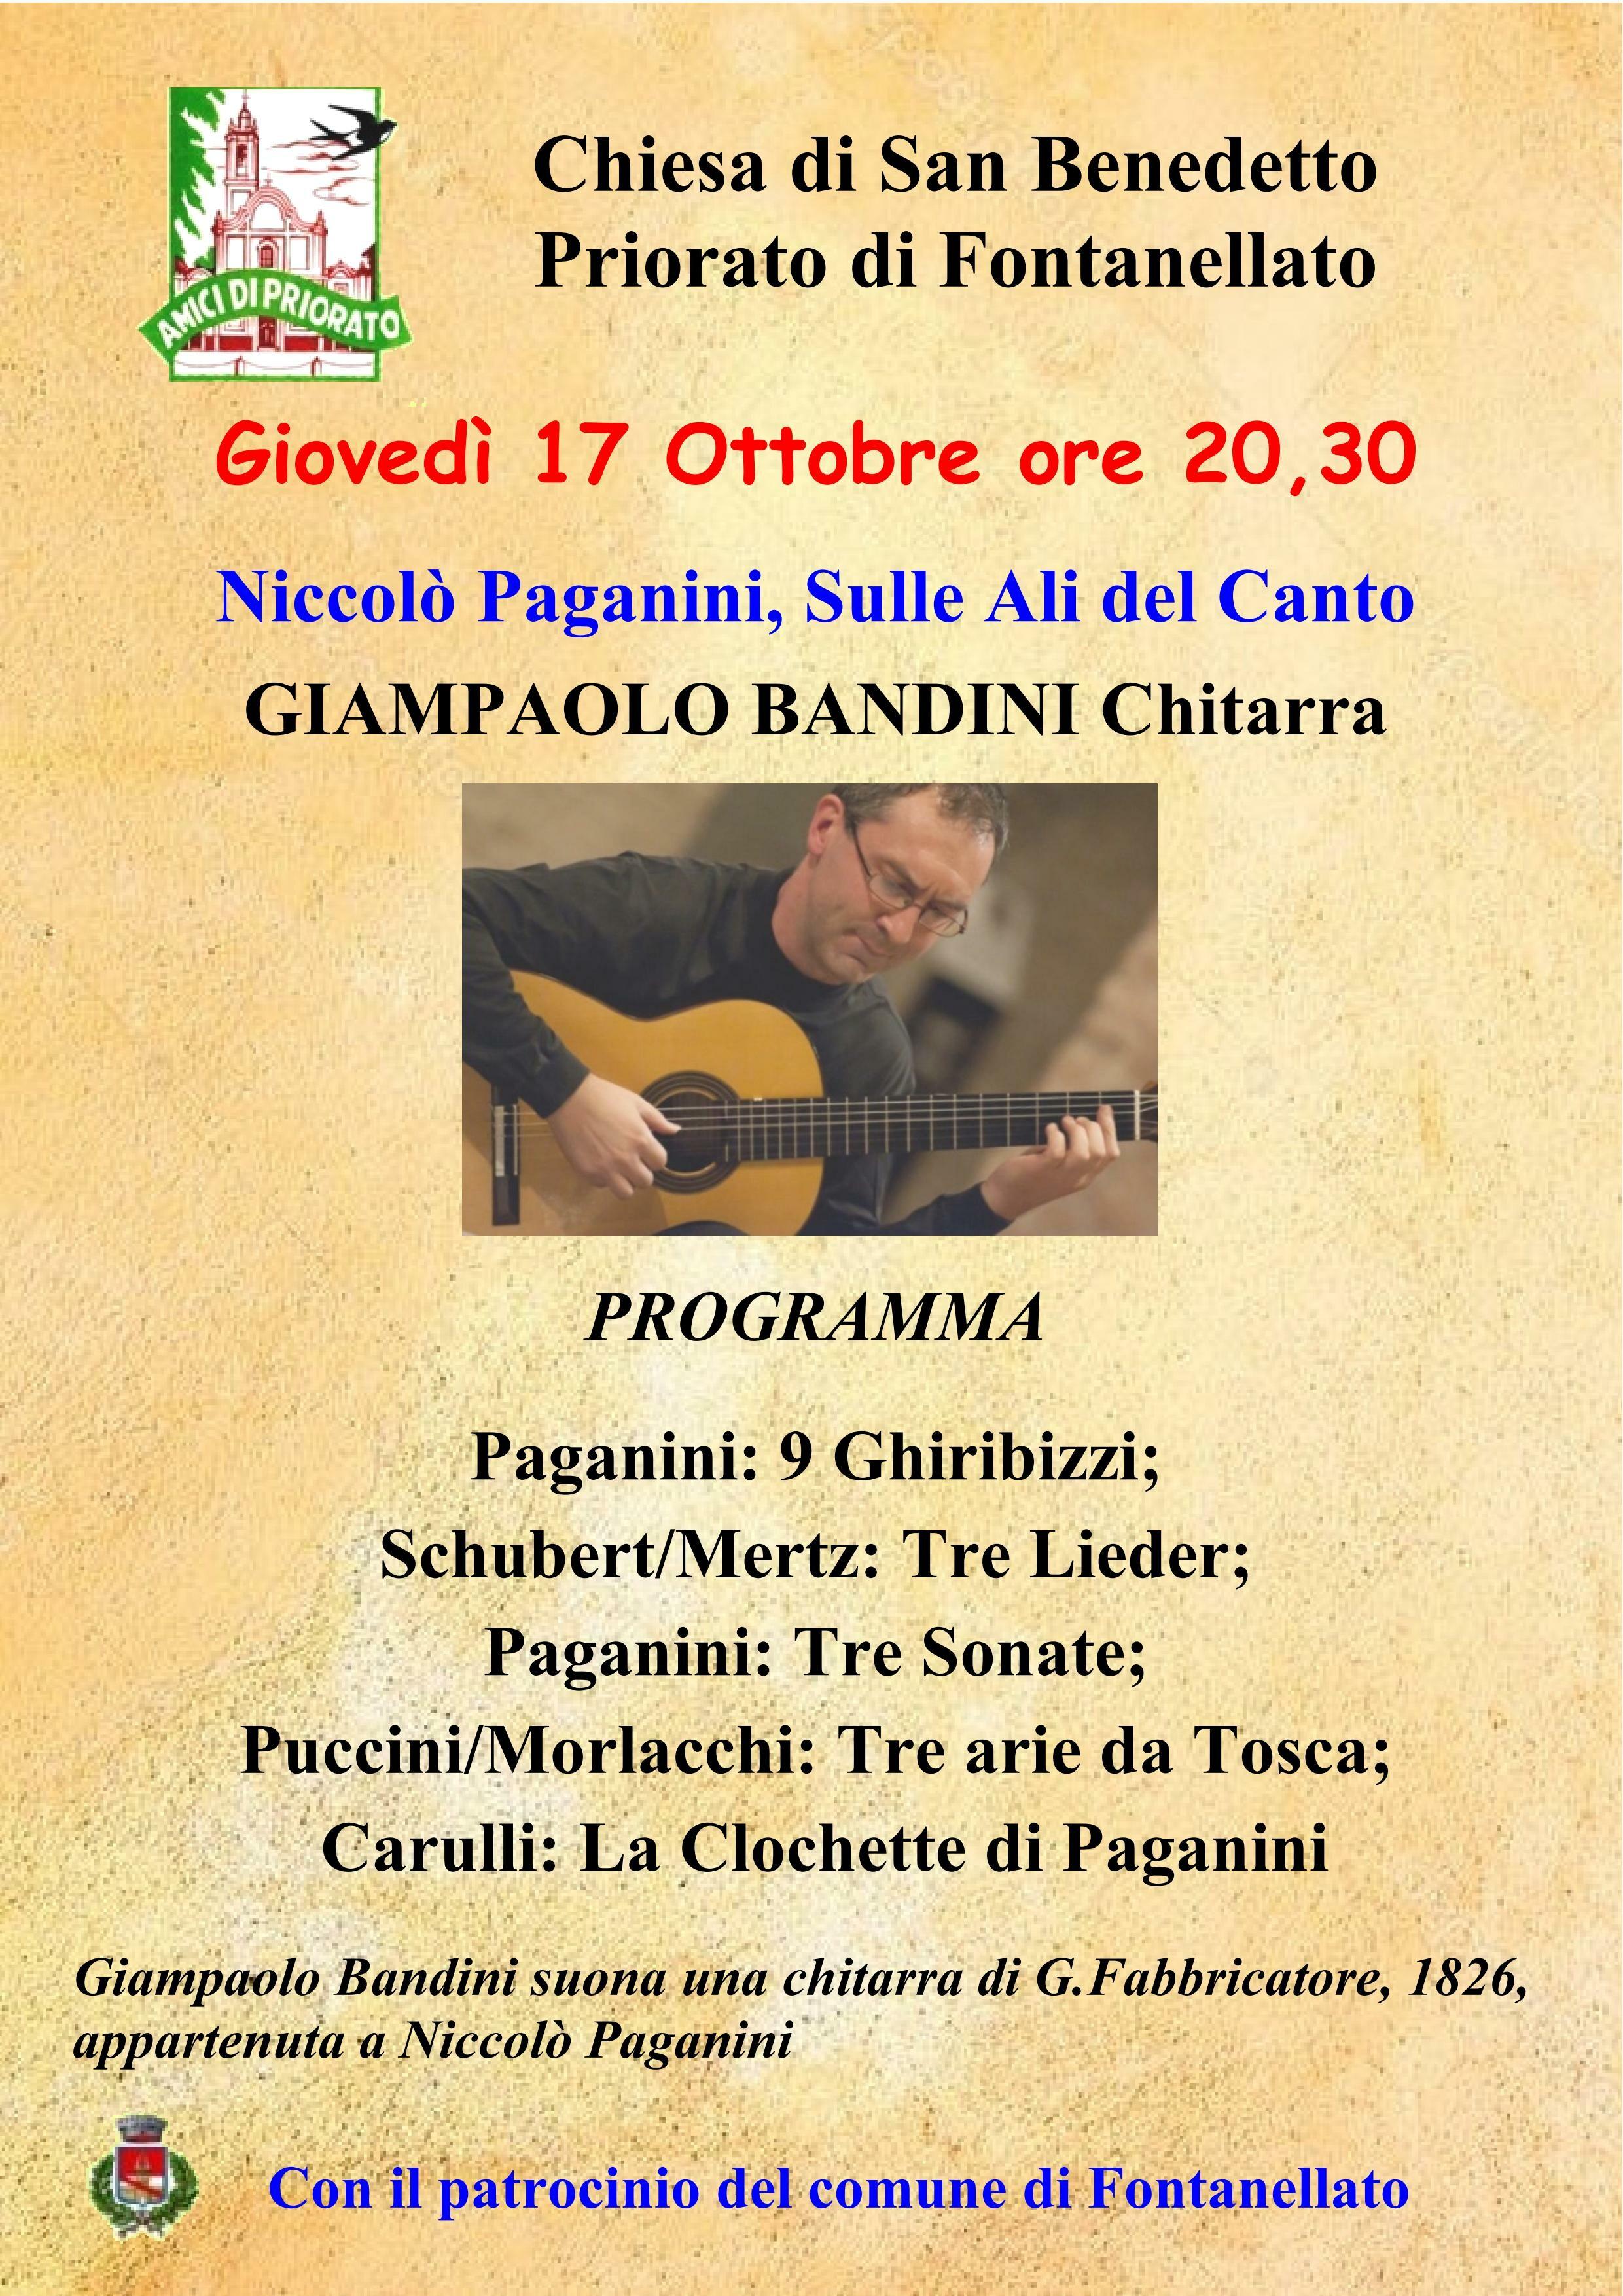 Concerto di Gianpaolo Bandini che suonerà la chitarra originale del 1826 appartenuta a Niccolò Paganini